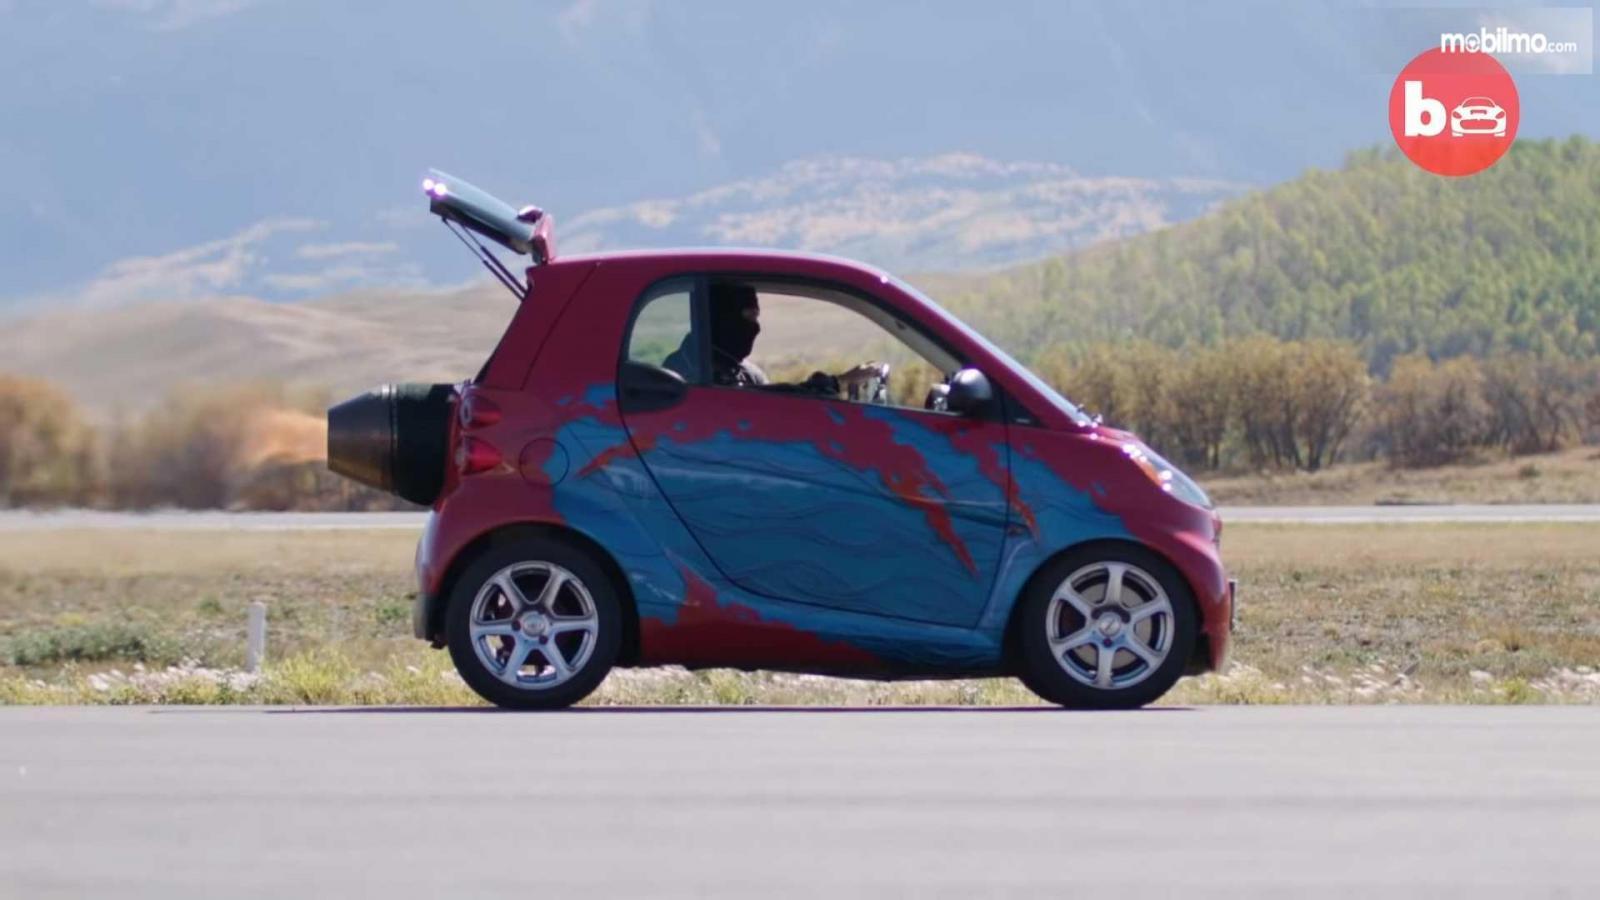 Gambar Smart ForTwo berwarna merah dan biru